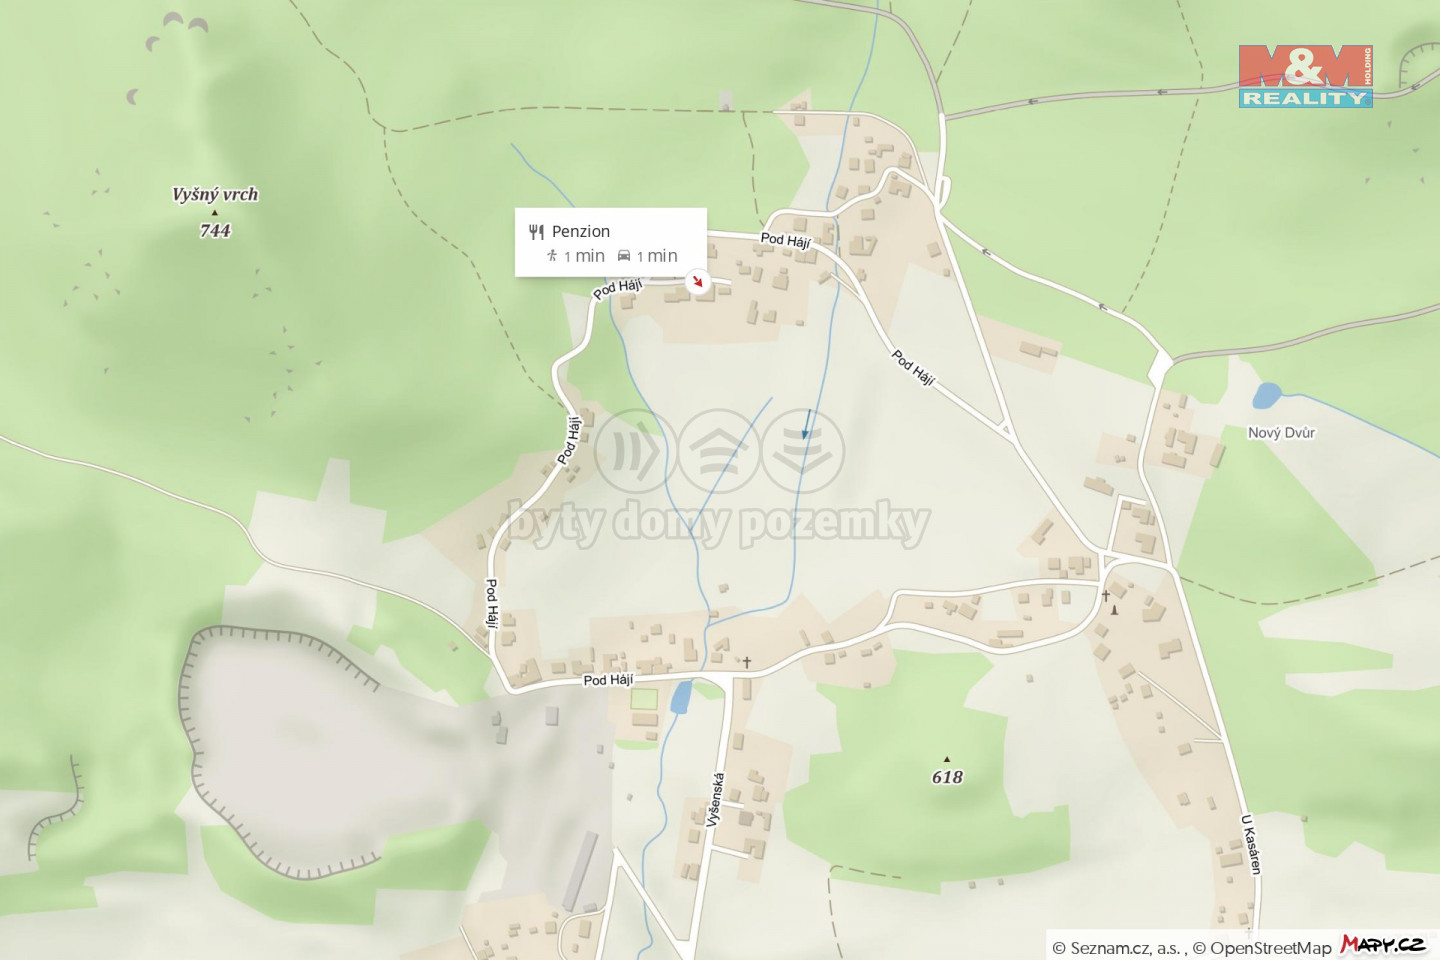 Mapa_okoli_2021_Penzion Vyšný.jpeg